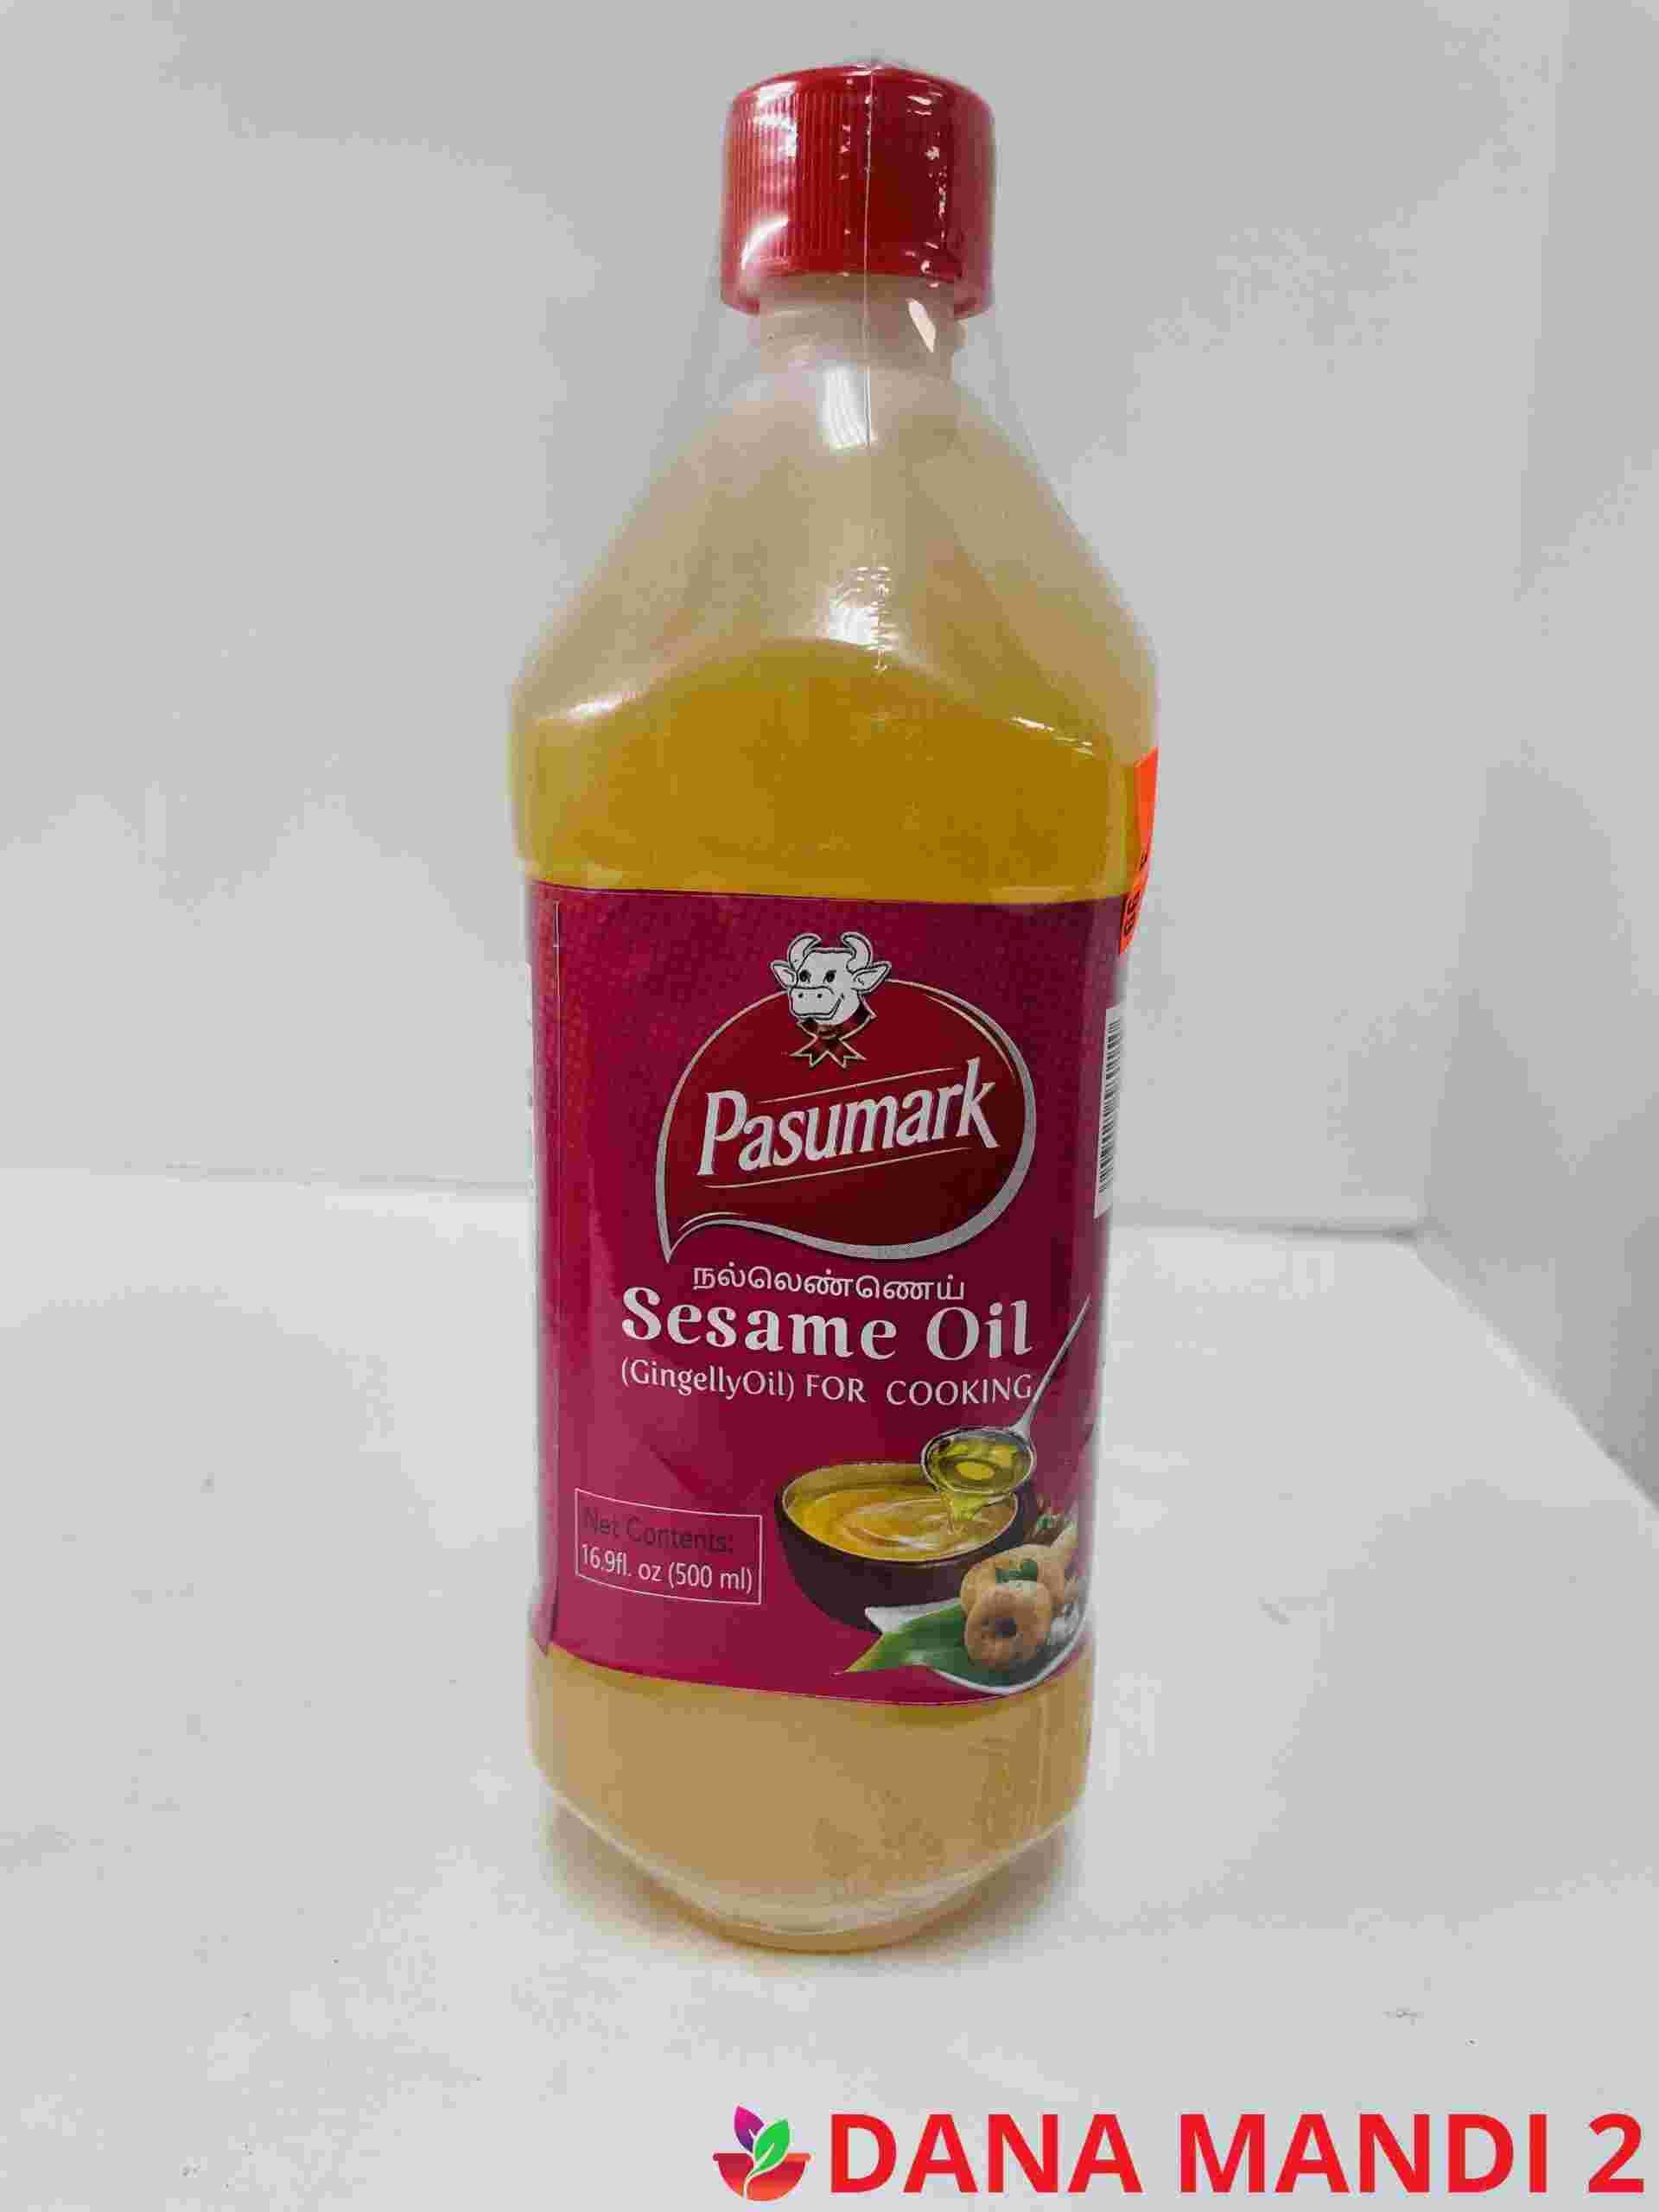 PASUMARK Sesame Oil Gingelly ( Til ) Oil